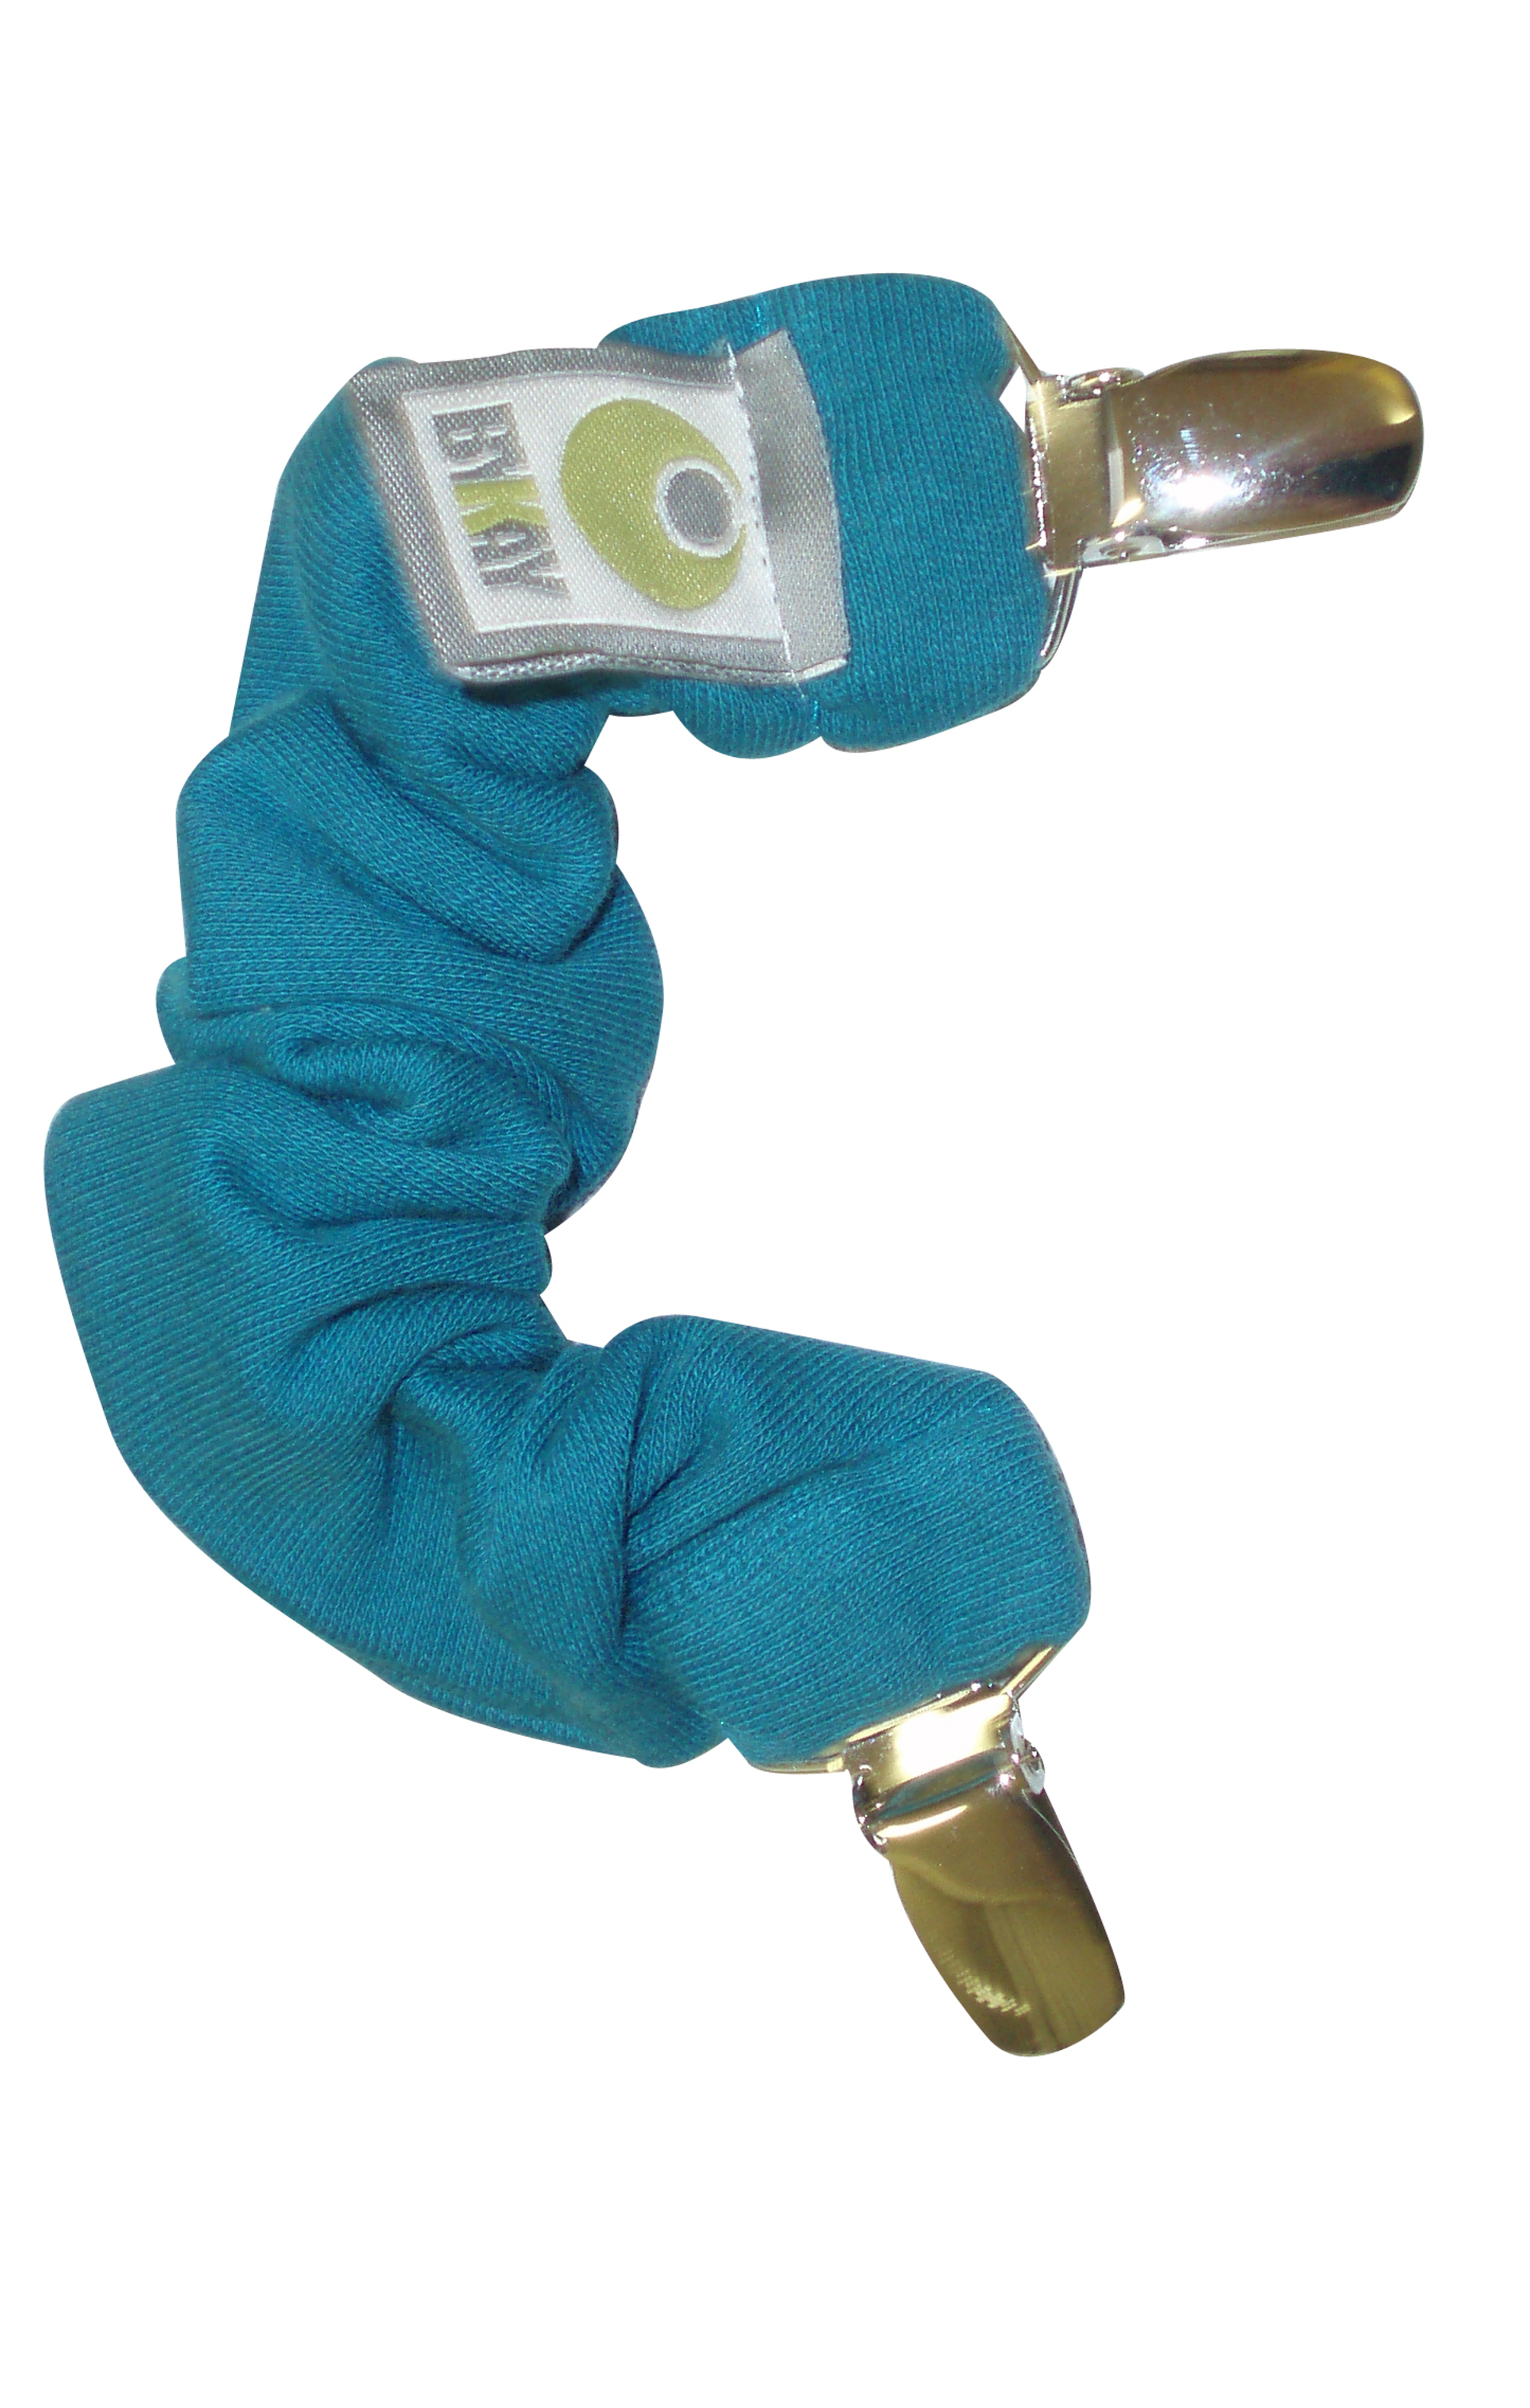 Knuffel- Speenkoord - Petrol